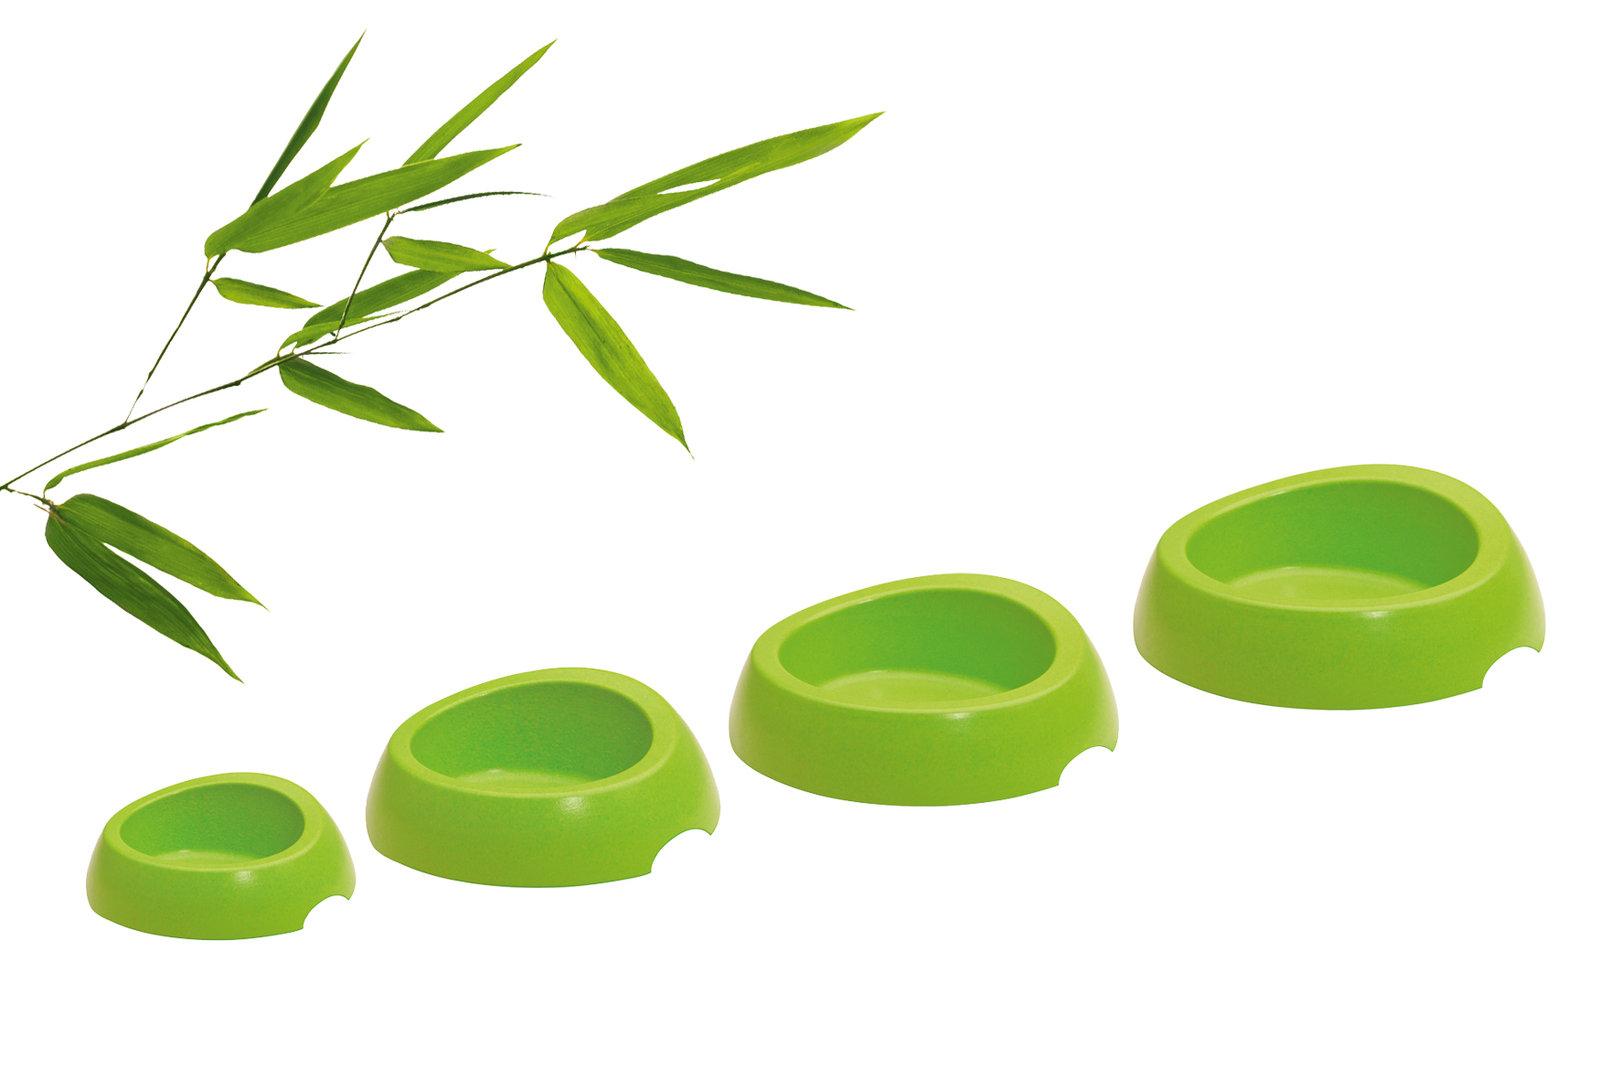 Biod Bowl, Grün NEU 2021 (Biologisch abbaubar - Kein Kunststoff)